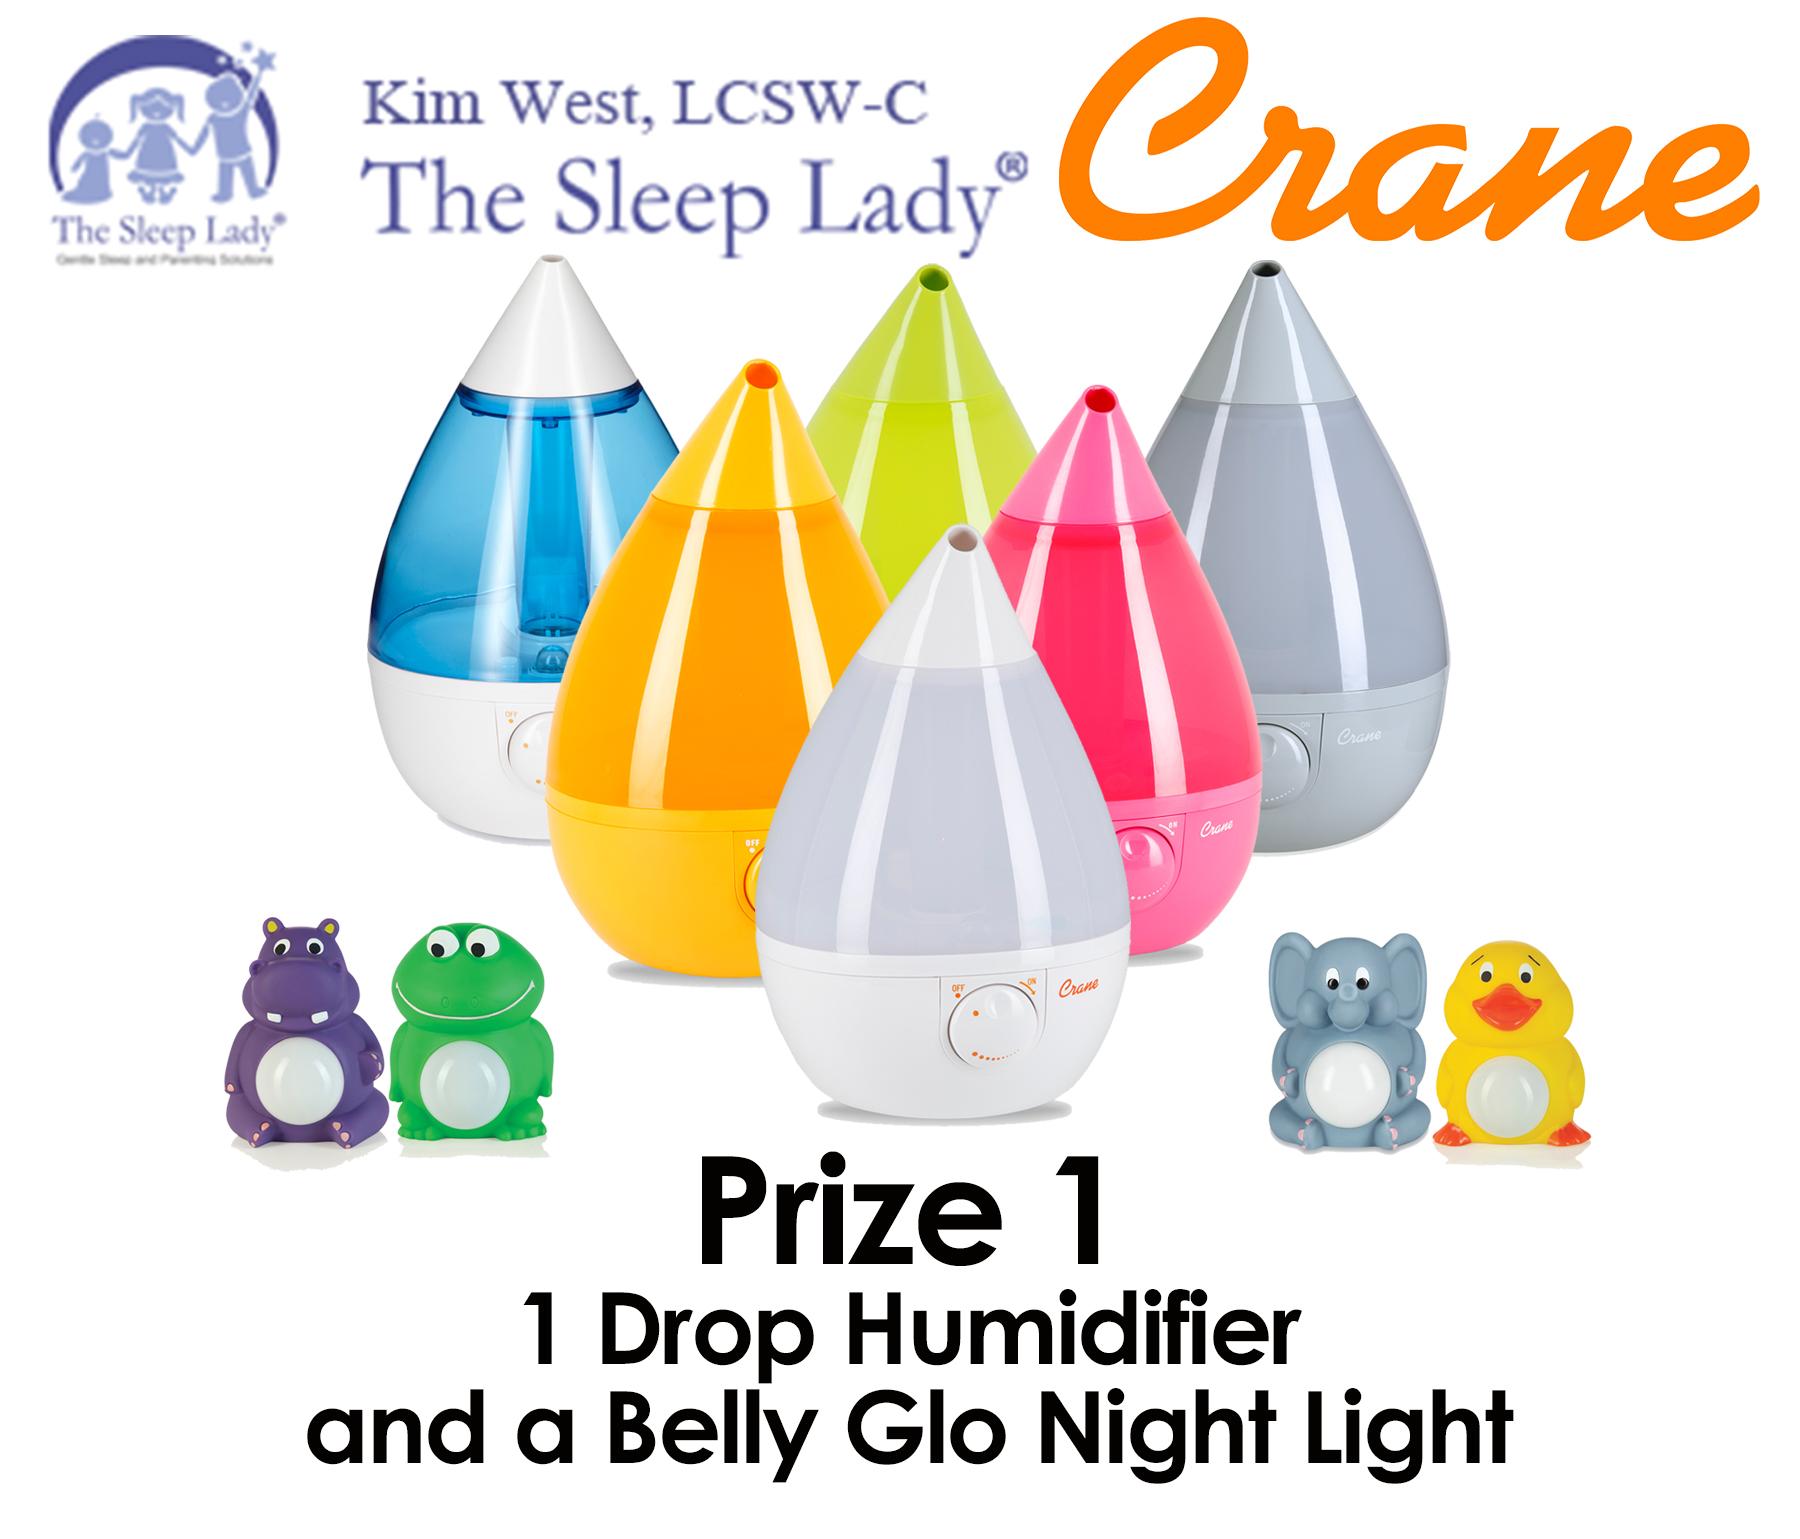 Sleeplady-Crane Prize 1